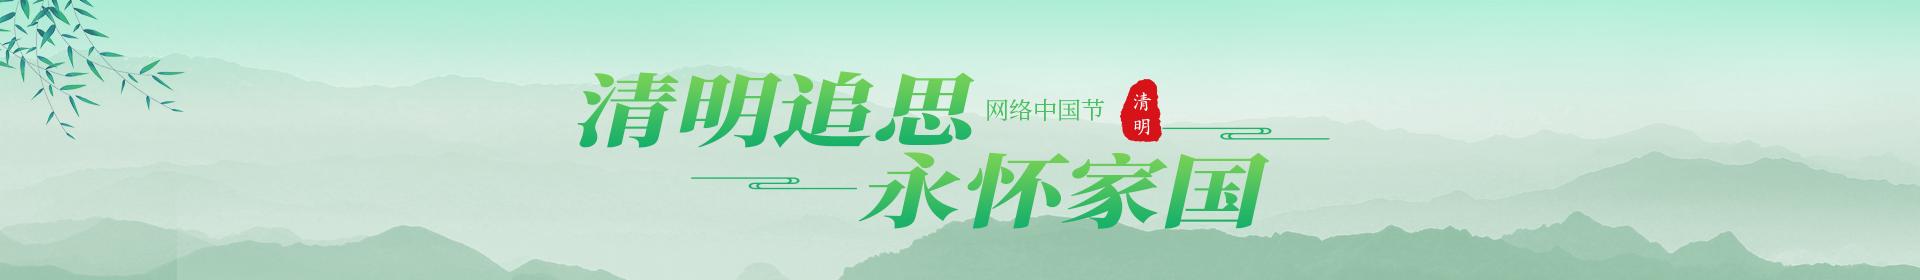 清明追思 永怀家国——网络中国节·2021清明